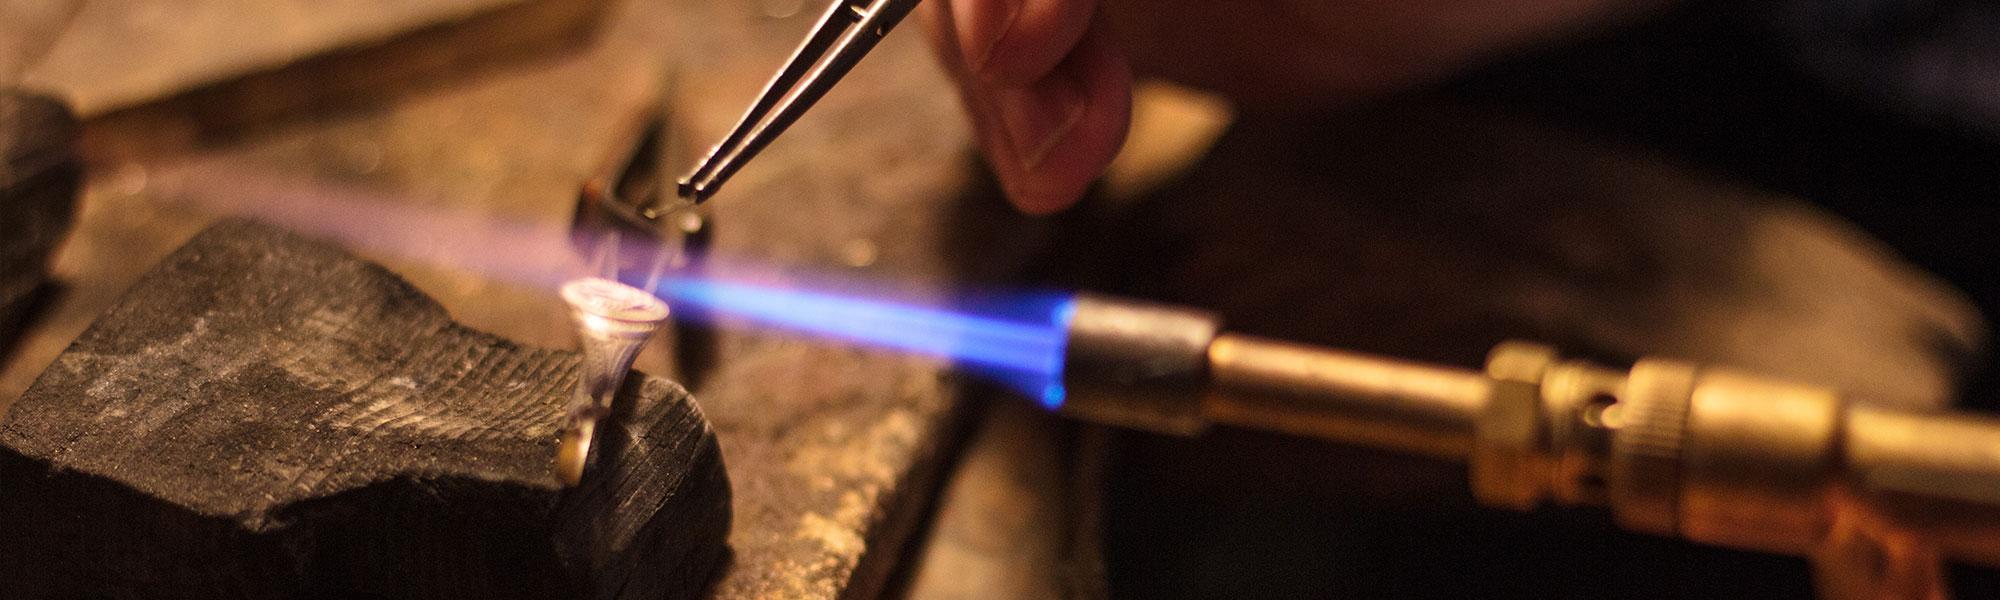 Bearbeitung eines Ringes mit Feuer